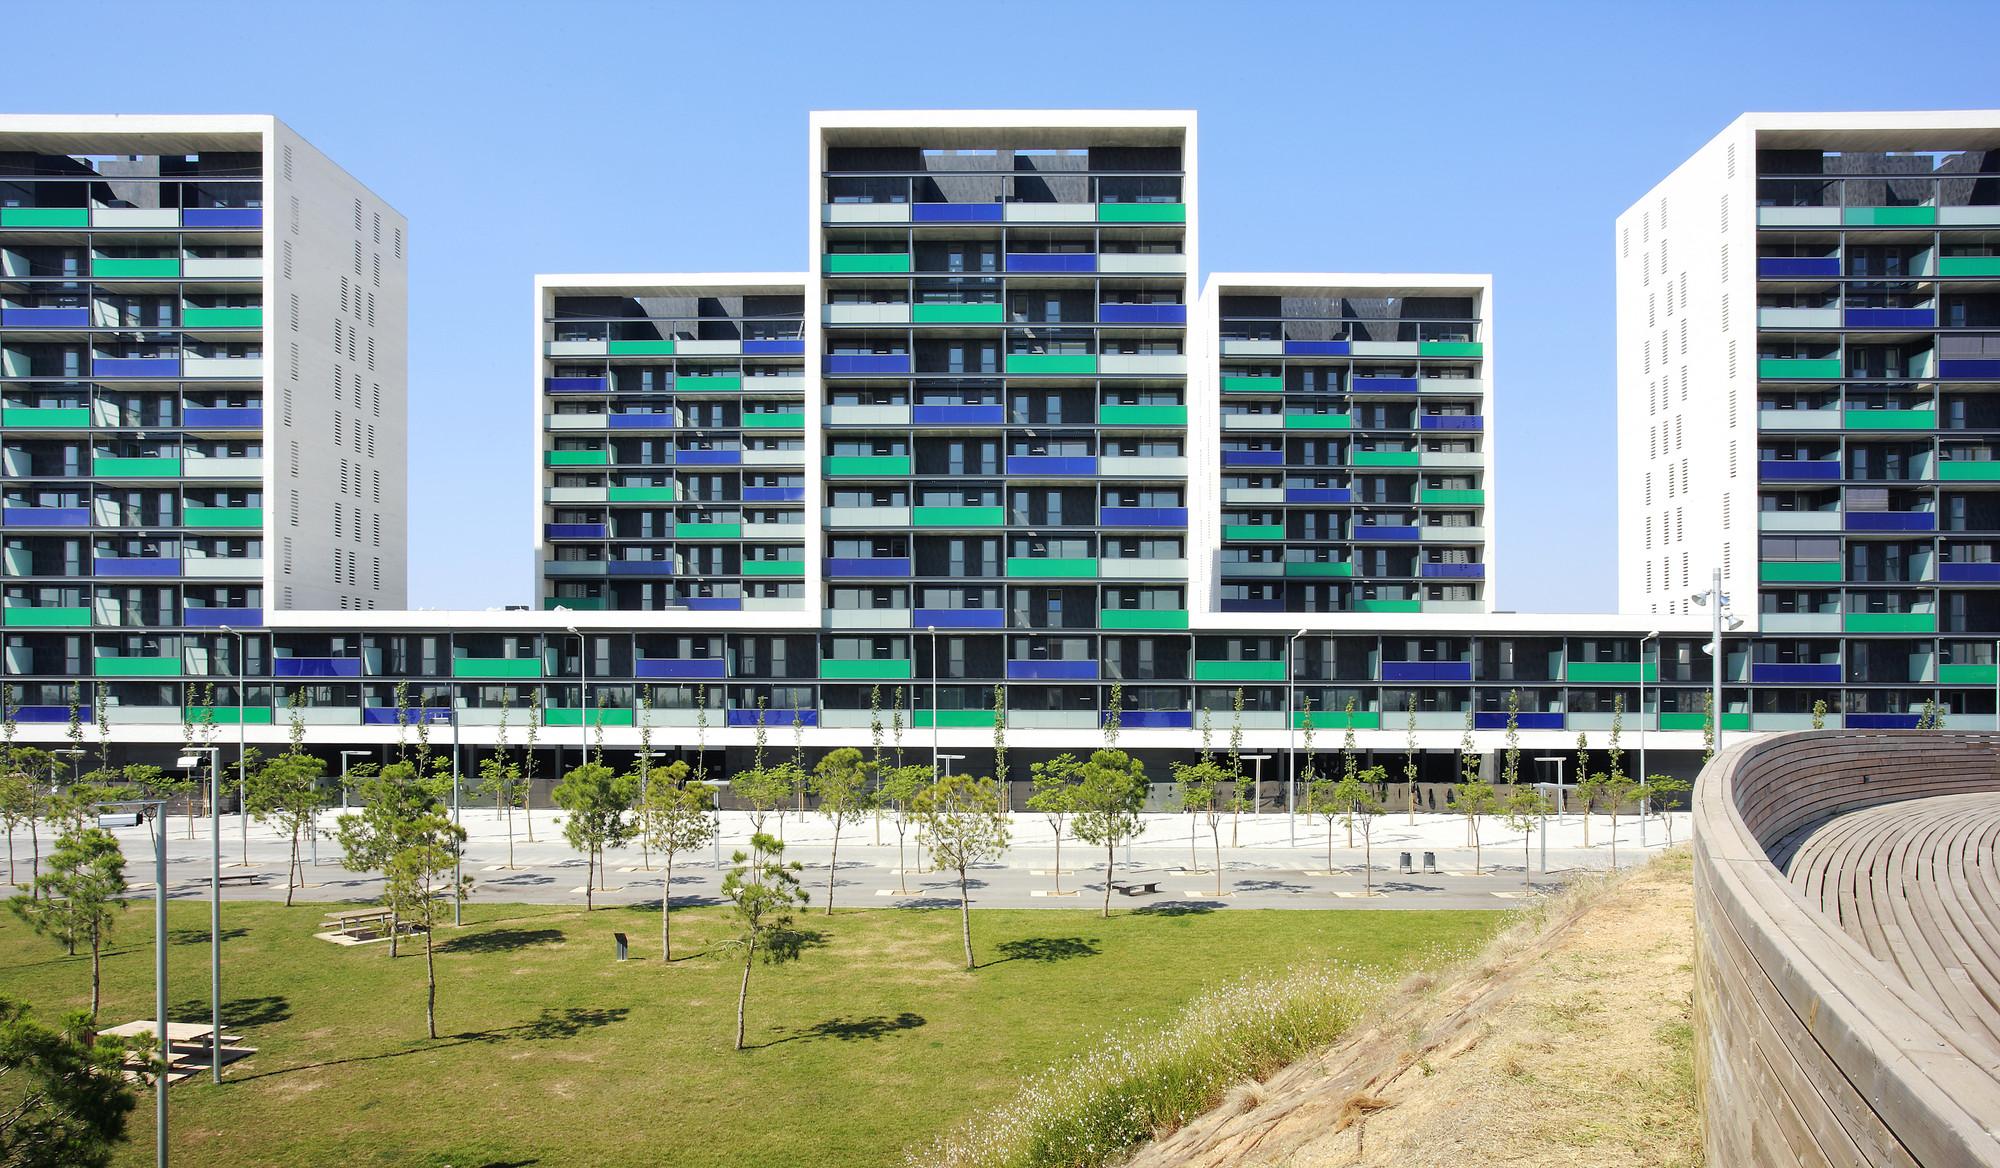 Vilamarina Building / Batlle i Roig Arquitectes, © José Hevia